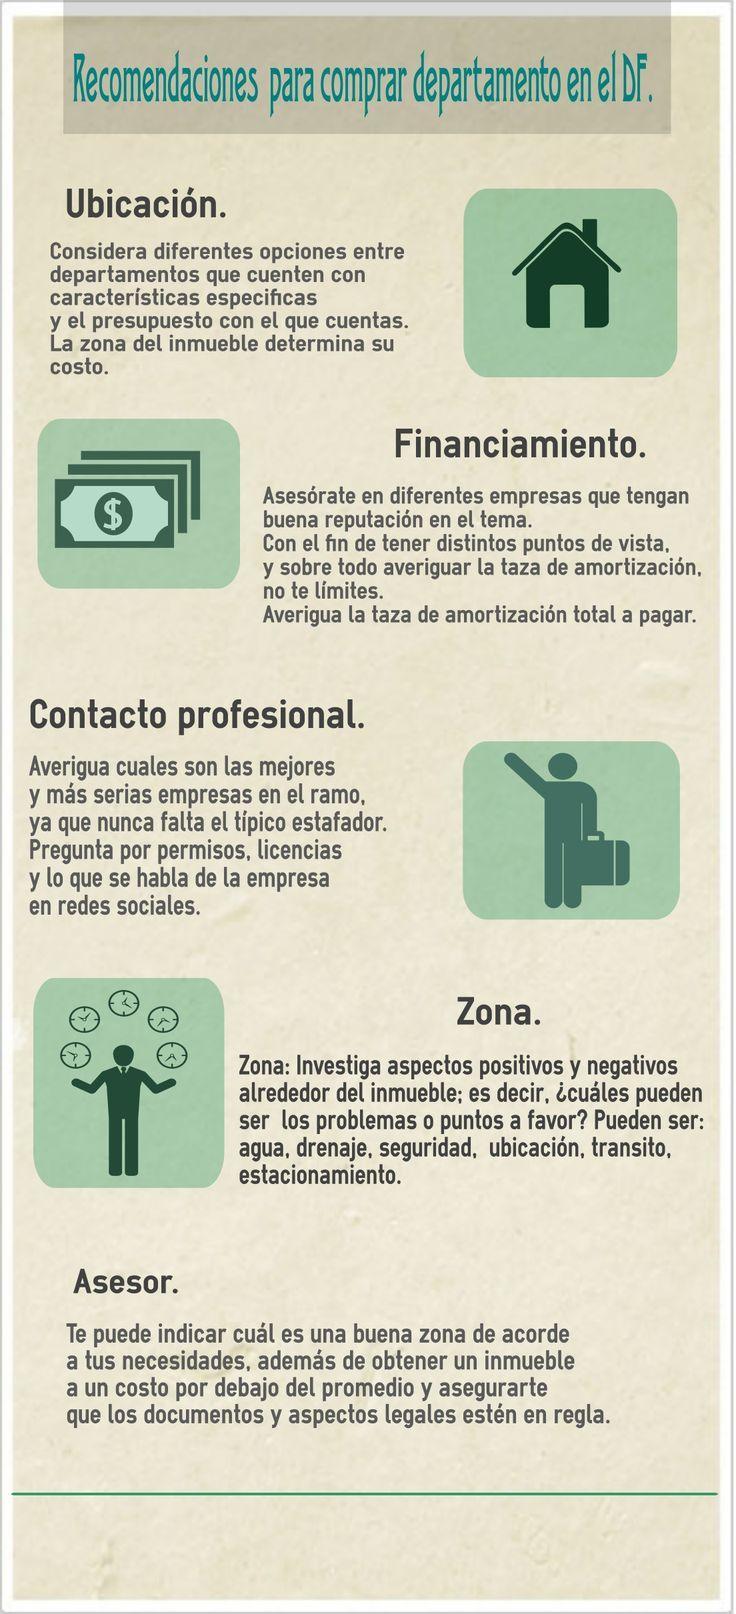 #Tips para tener en cuenta antes de comprar #departamento. #Hogaressauce.